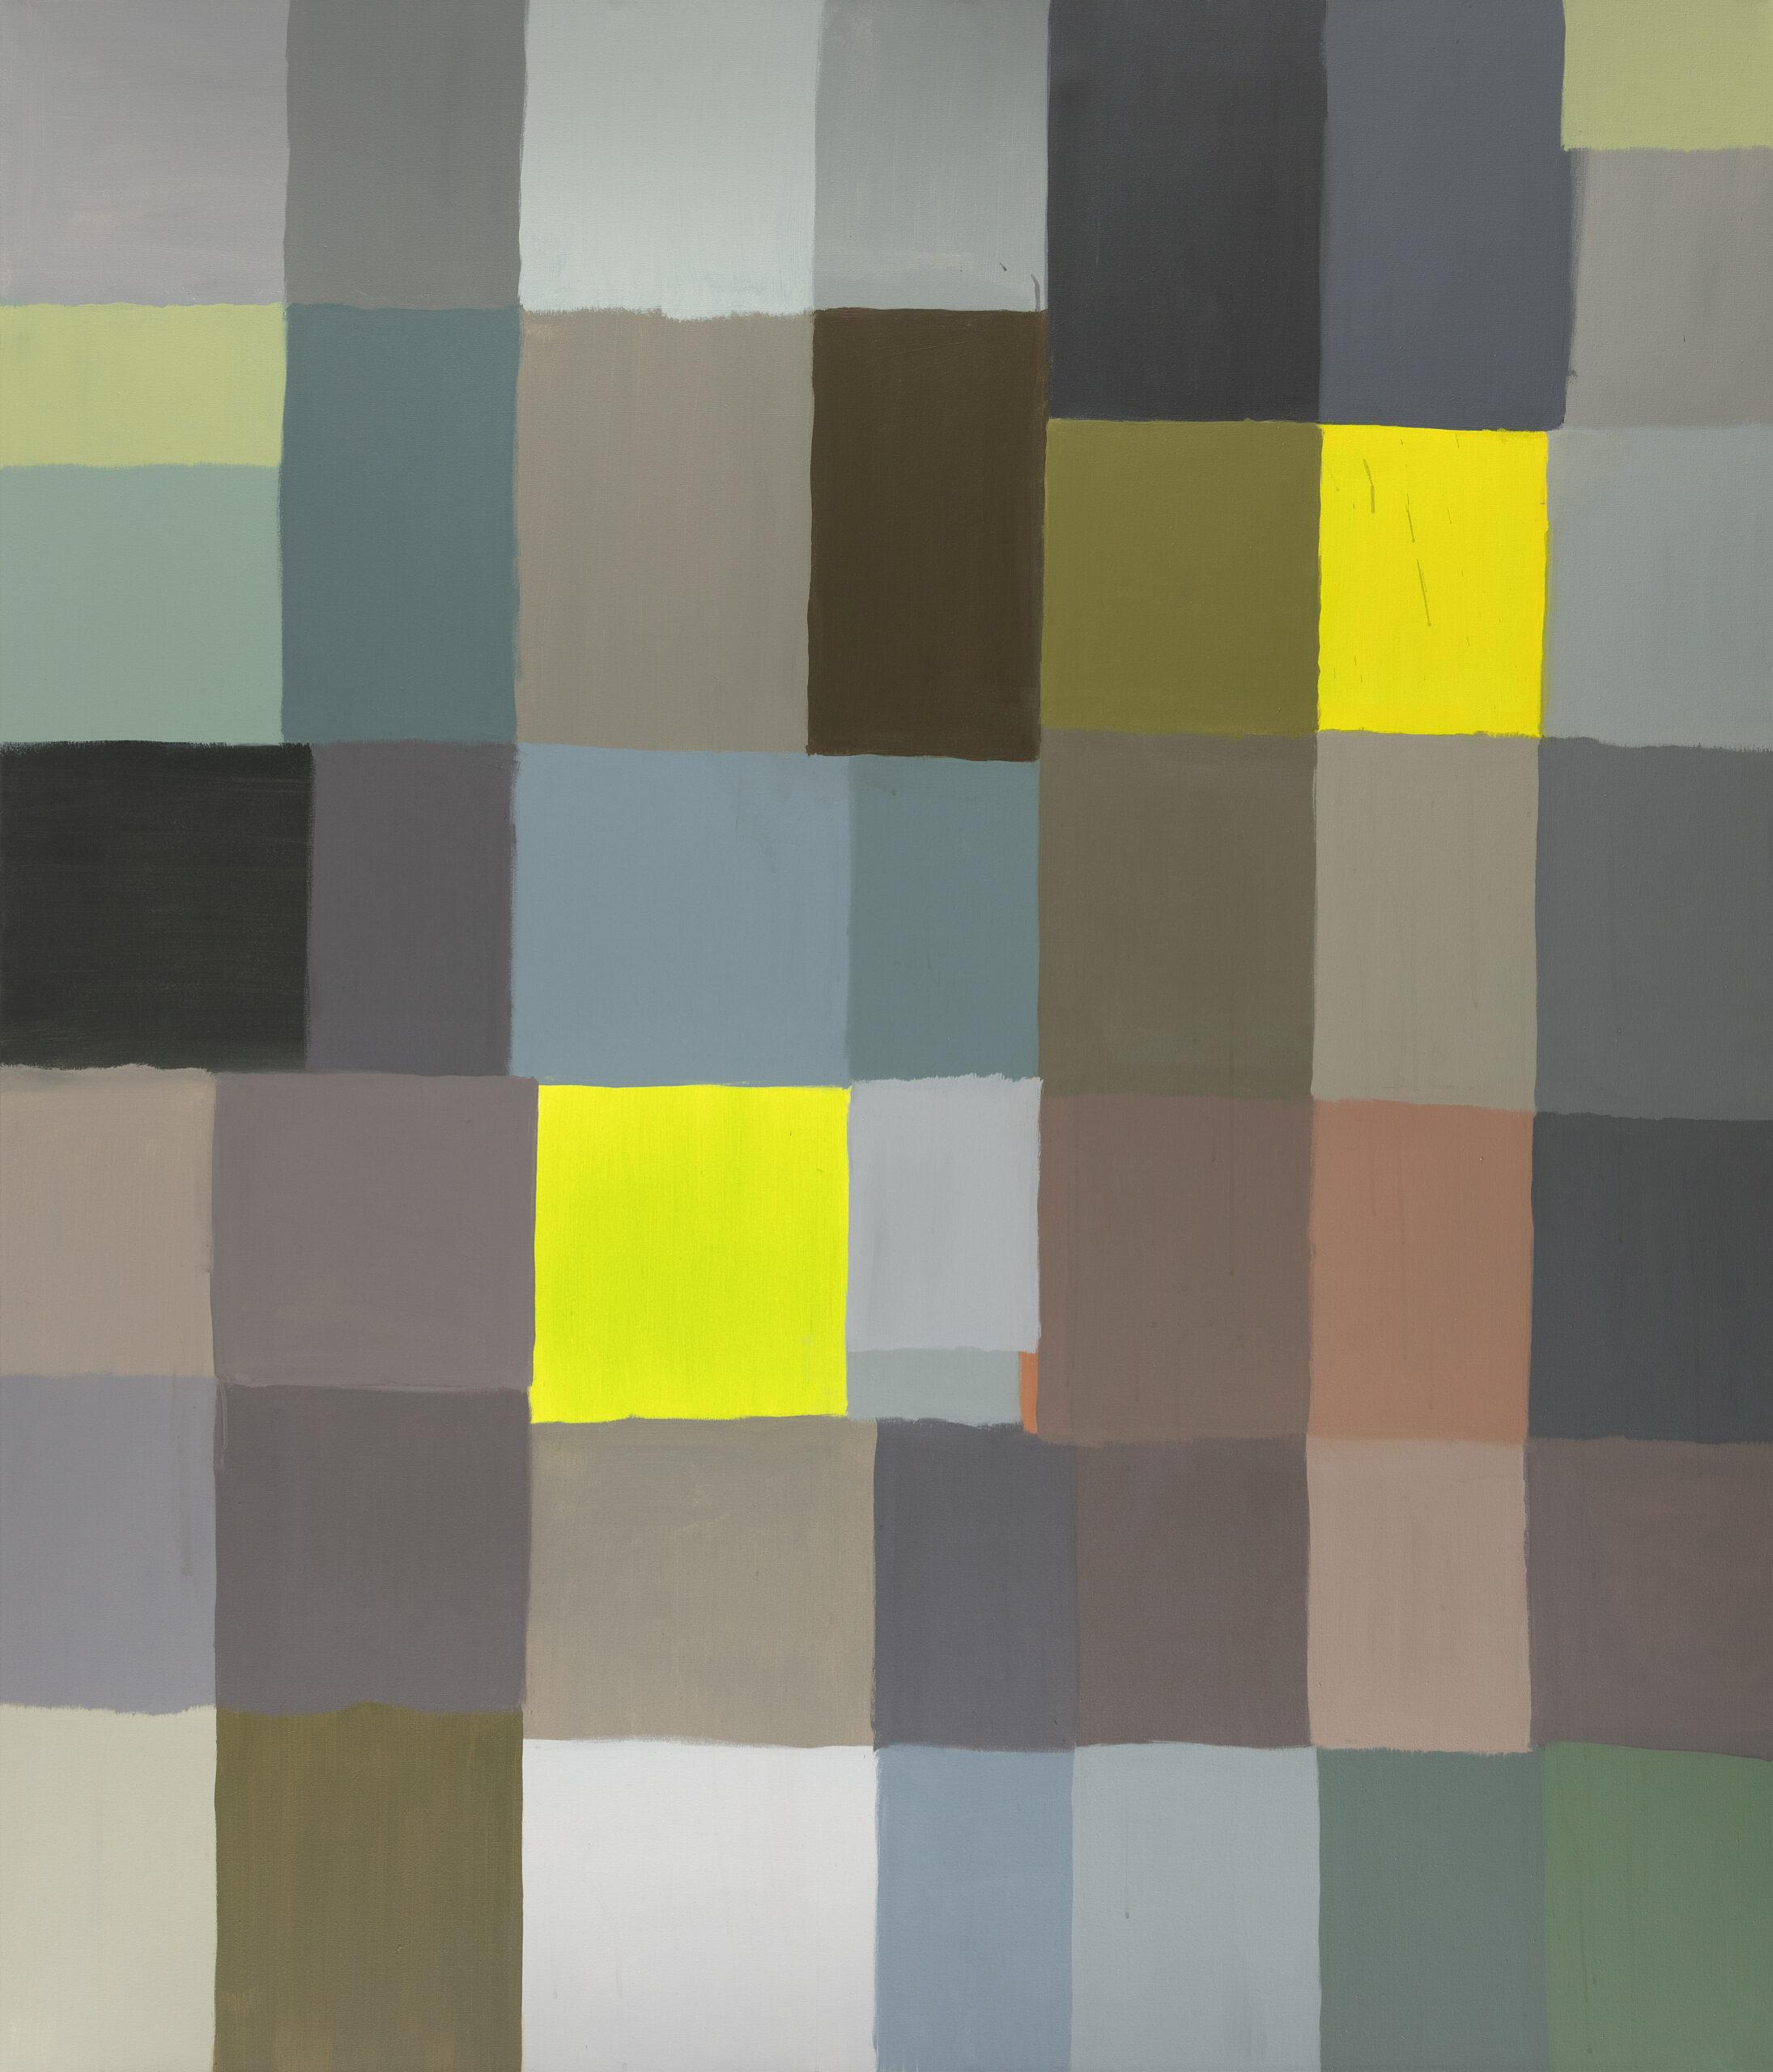 třináct čtrnáct devatenáct / thirteen fourteen nineteen, 190x165 cm, akryl na plátně / acrylic on canvas, 2021